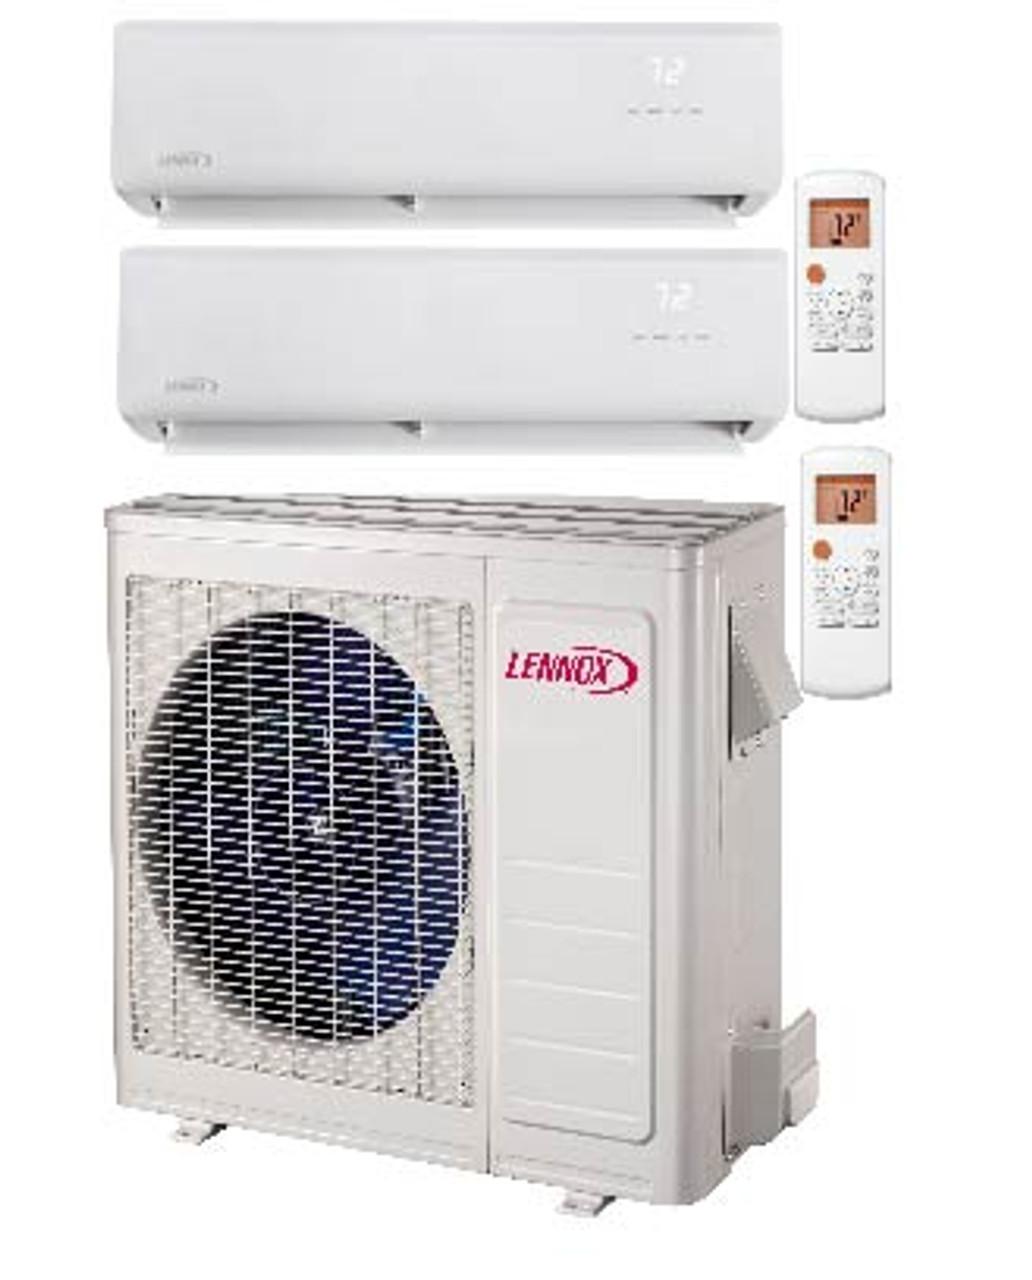 Lennox MP-Series 2.5 Ton Dual Zone 28,000 BTU  Heat Pump Mini-Split System